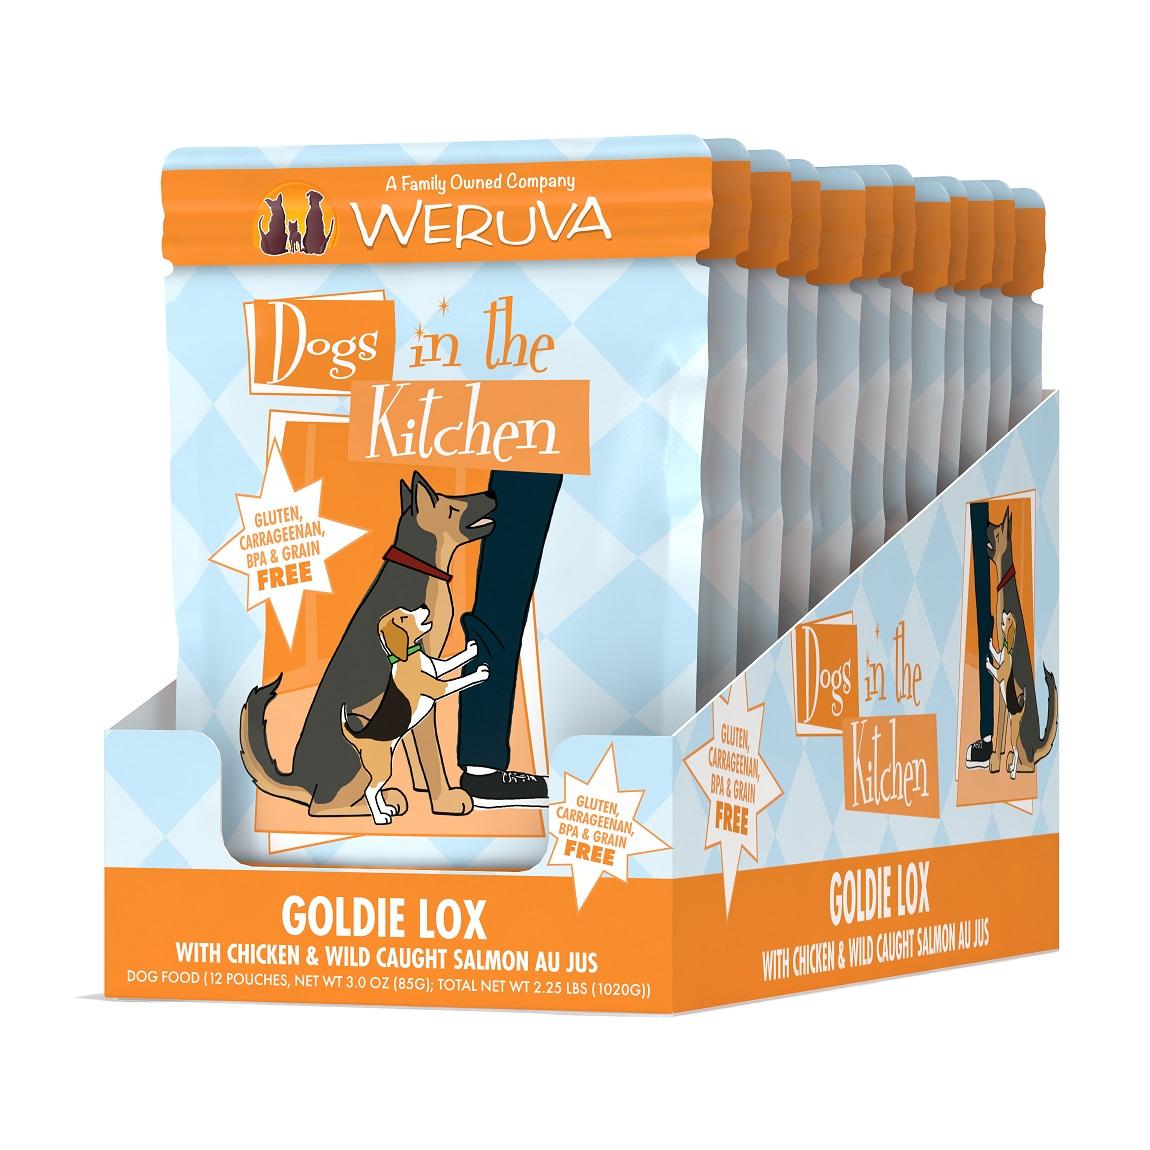 Weruva Dogs in the Kitchen Goldie Lox with Chicken & Wild Caught Salmon Au Jus Grain-Free Wet Dog Food, 2.8-oz, case of 12